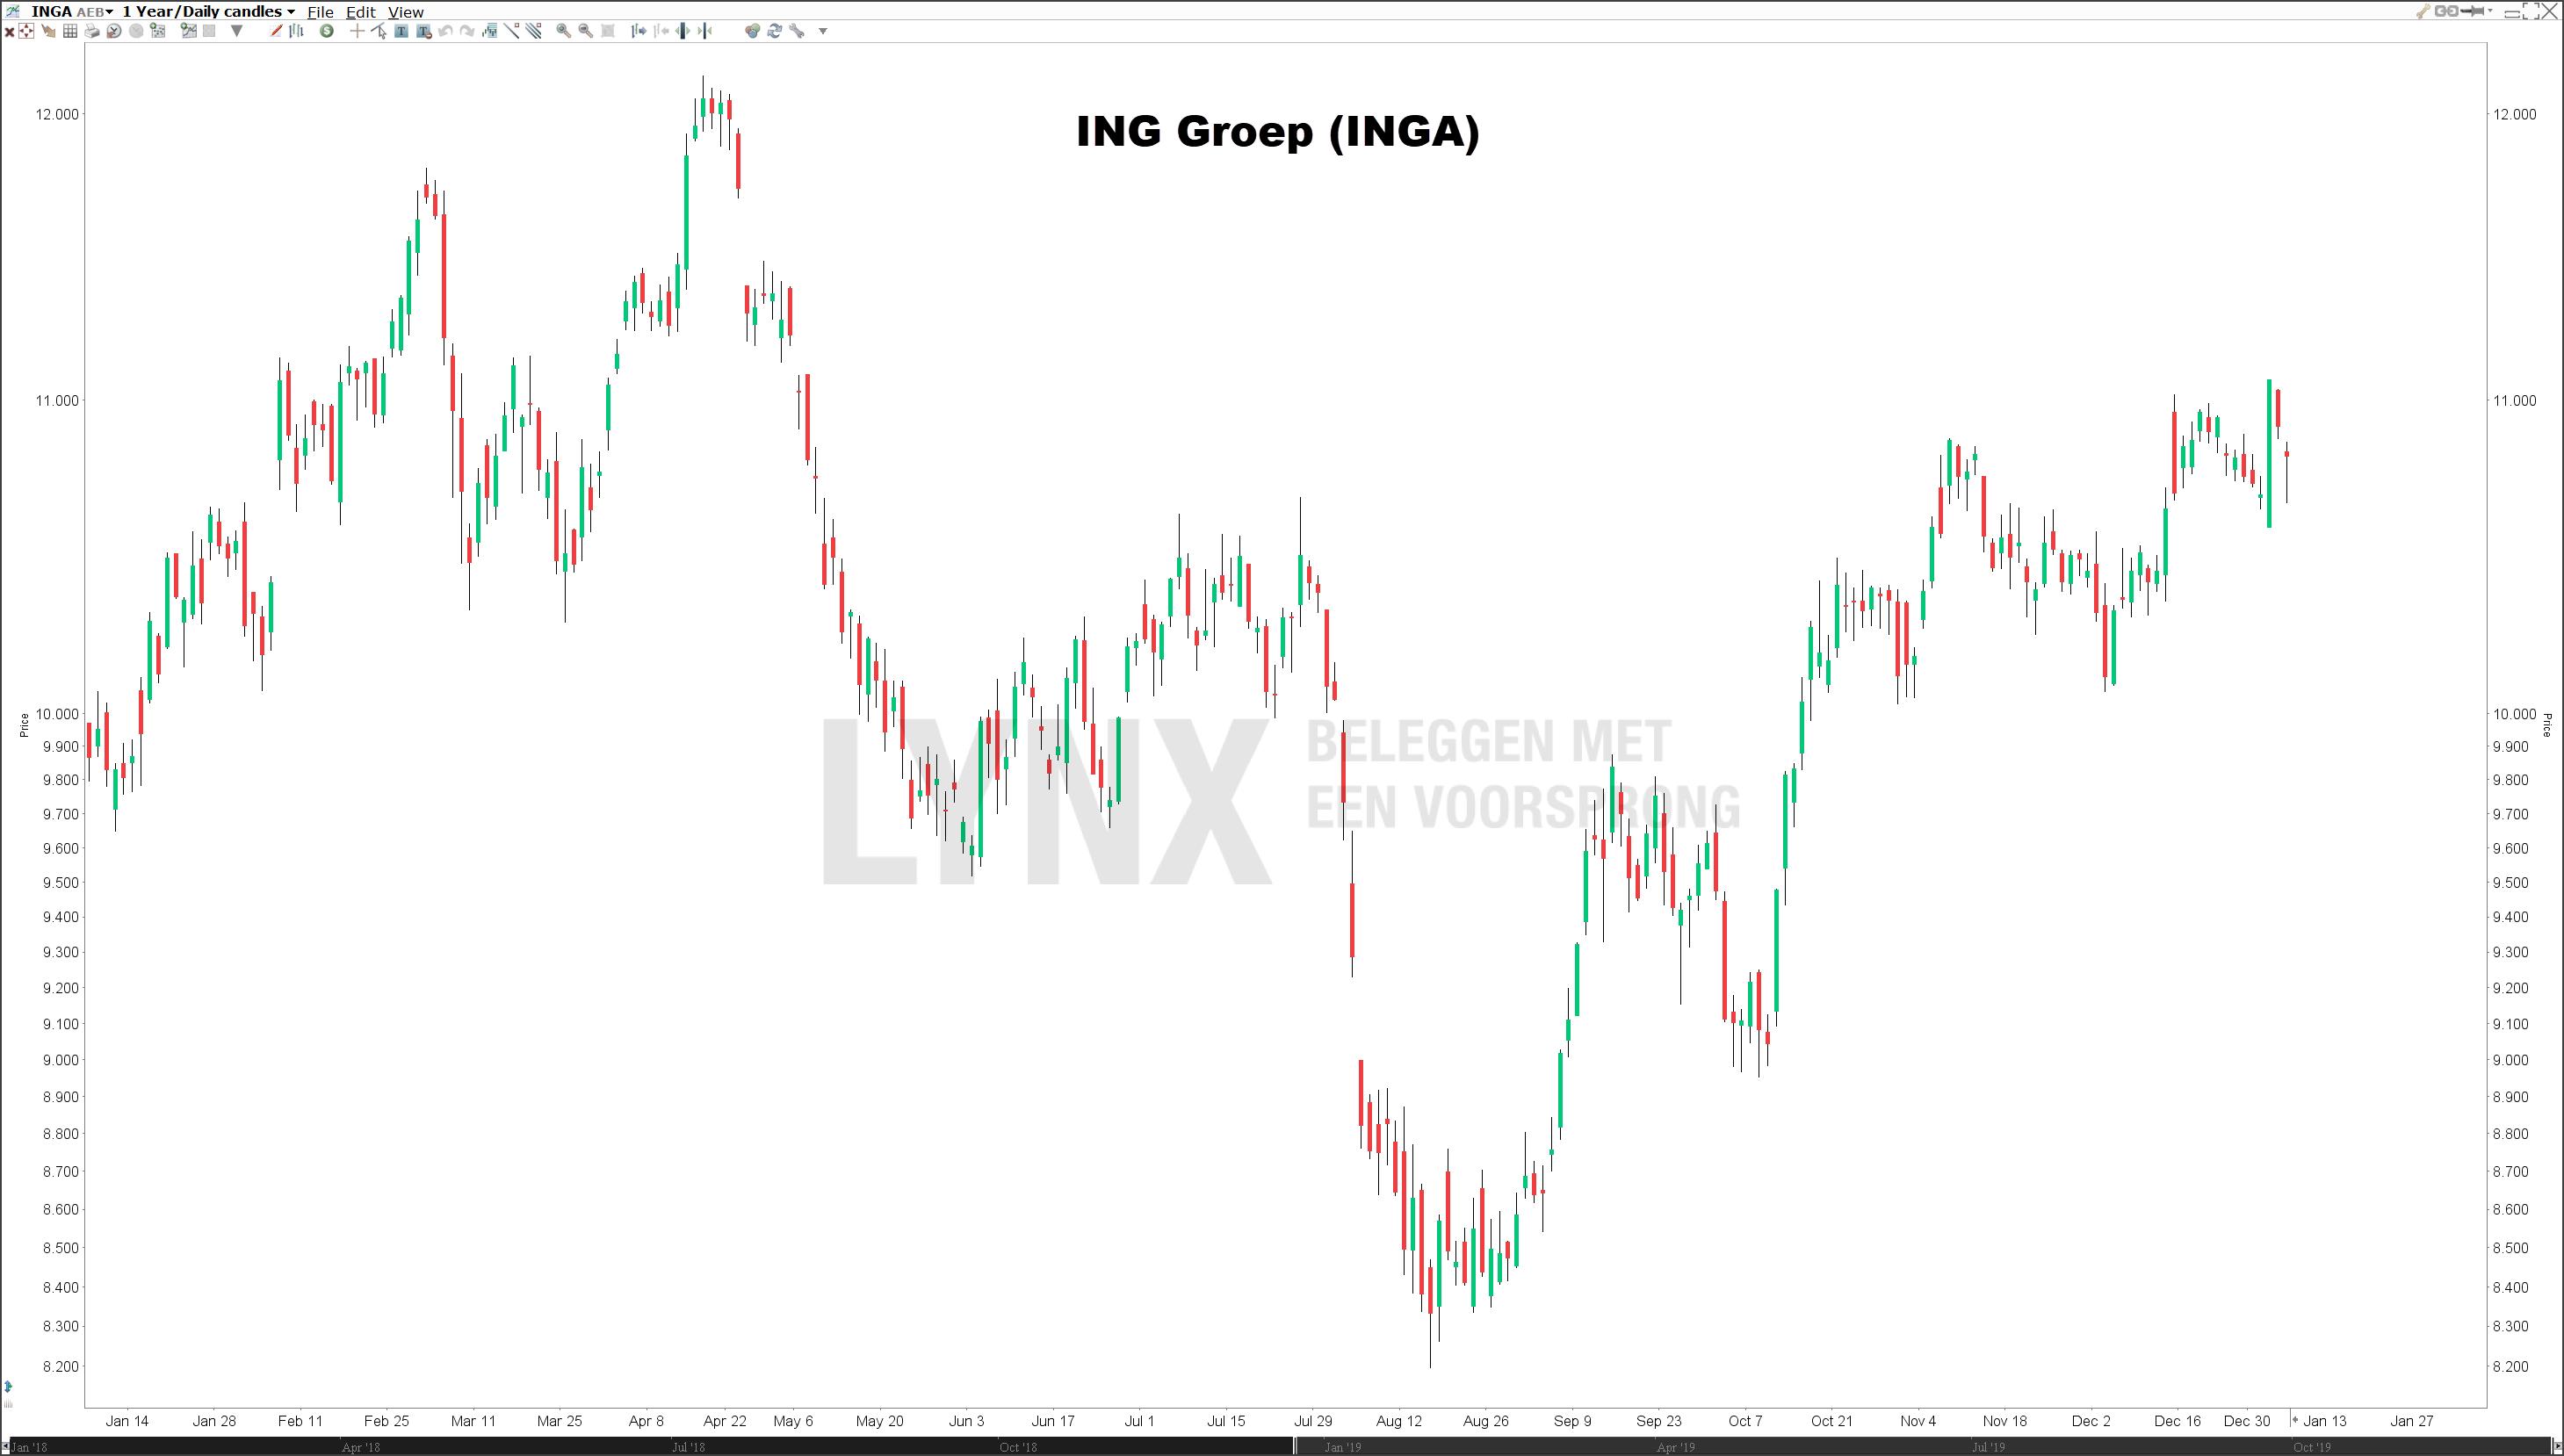 Koers ING Groep beste Nederlandse dividendaandeel